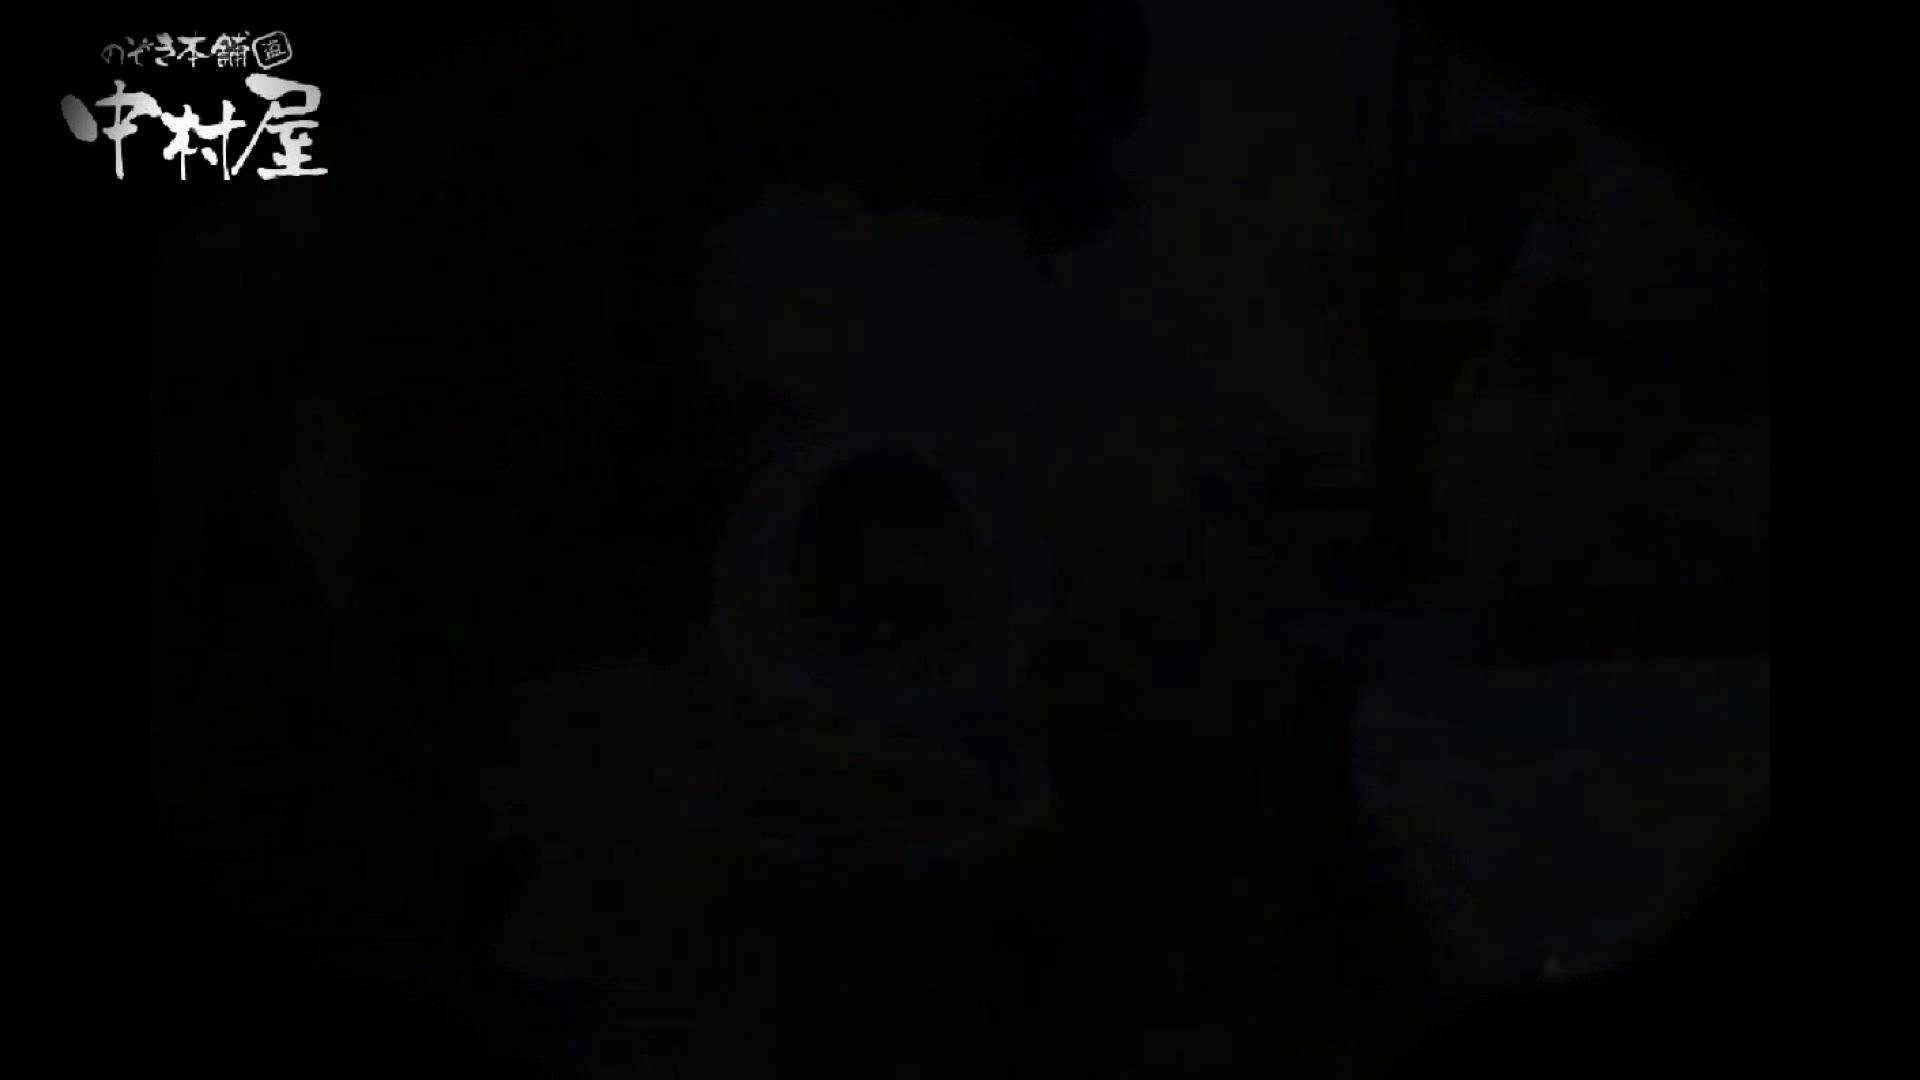 teen galトイレ覗き紙がナイ編‼vol.11 トイレ 盗撮 96PIX 6